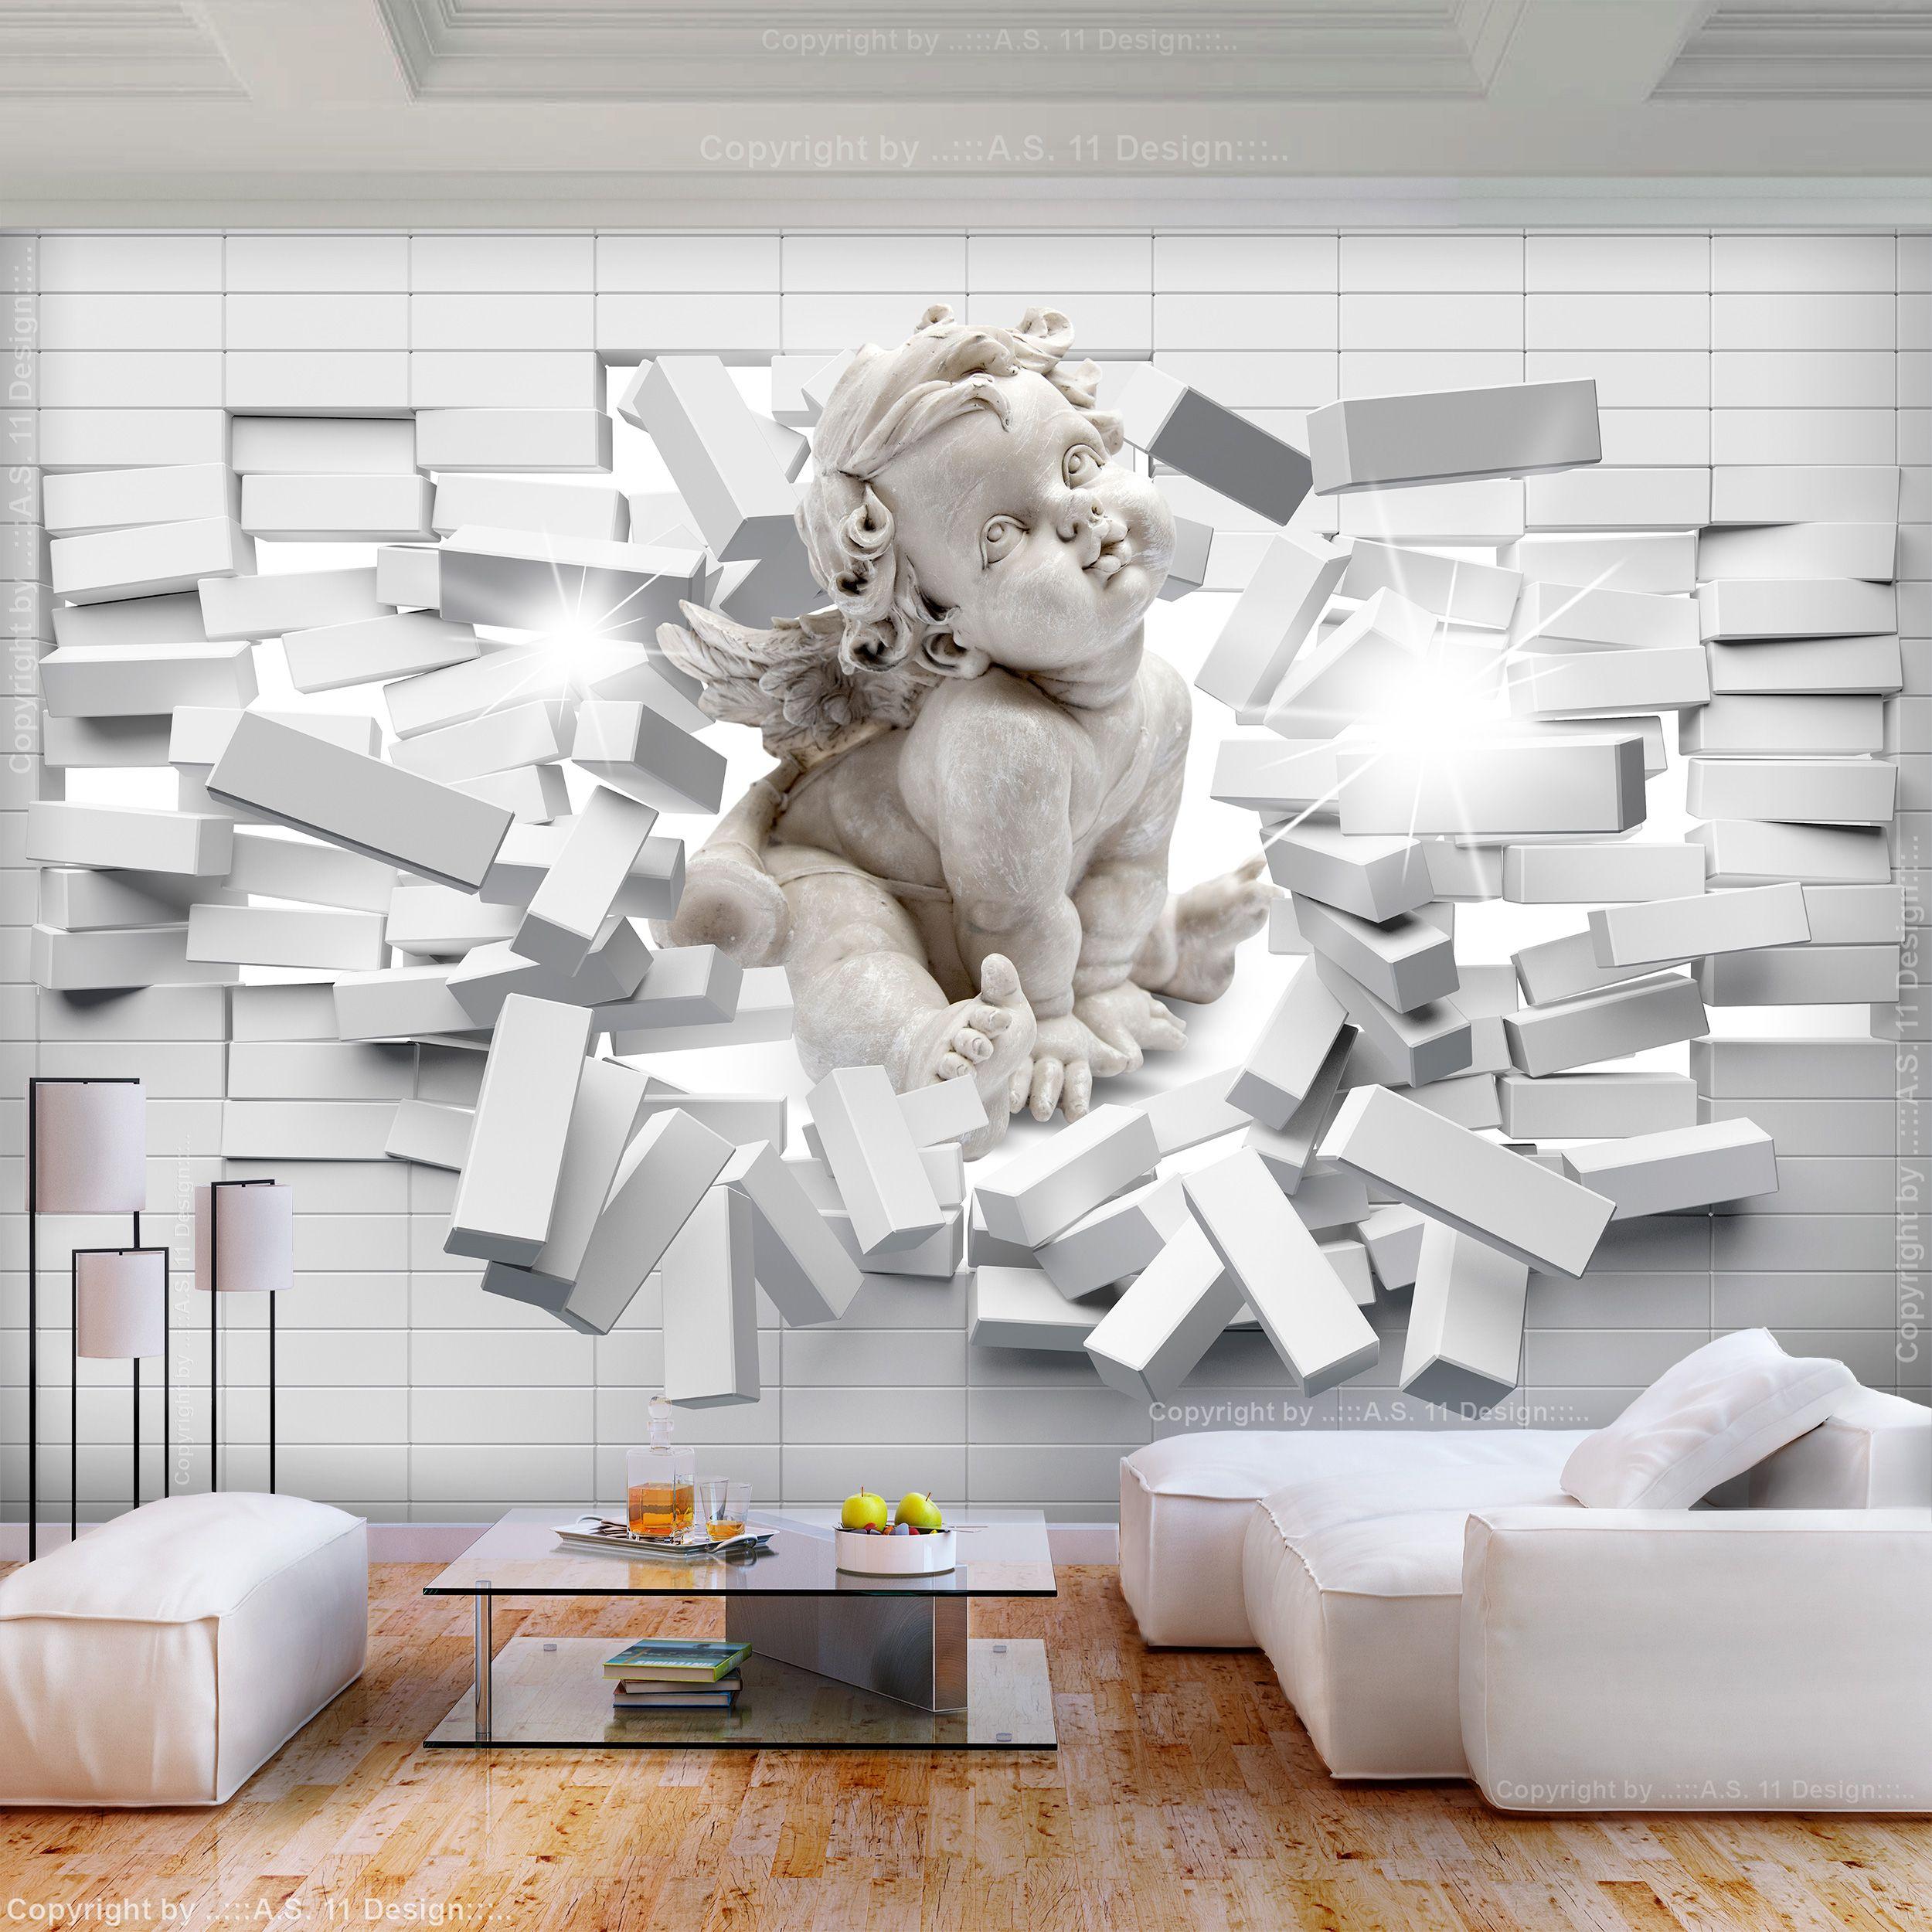 Vlies Fototapete Steinwand Grau Steine Engel 3d Tapete Tapeten Fototapeten Sonnenuntergang Heute Sonnenaufga In 2020 Wall Wallpaper Lion Sculpture Living Room Decor